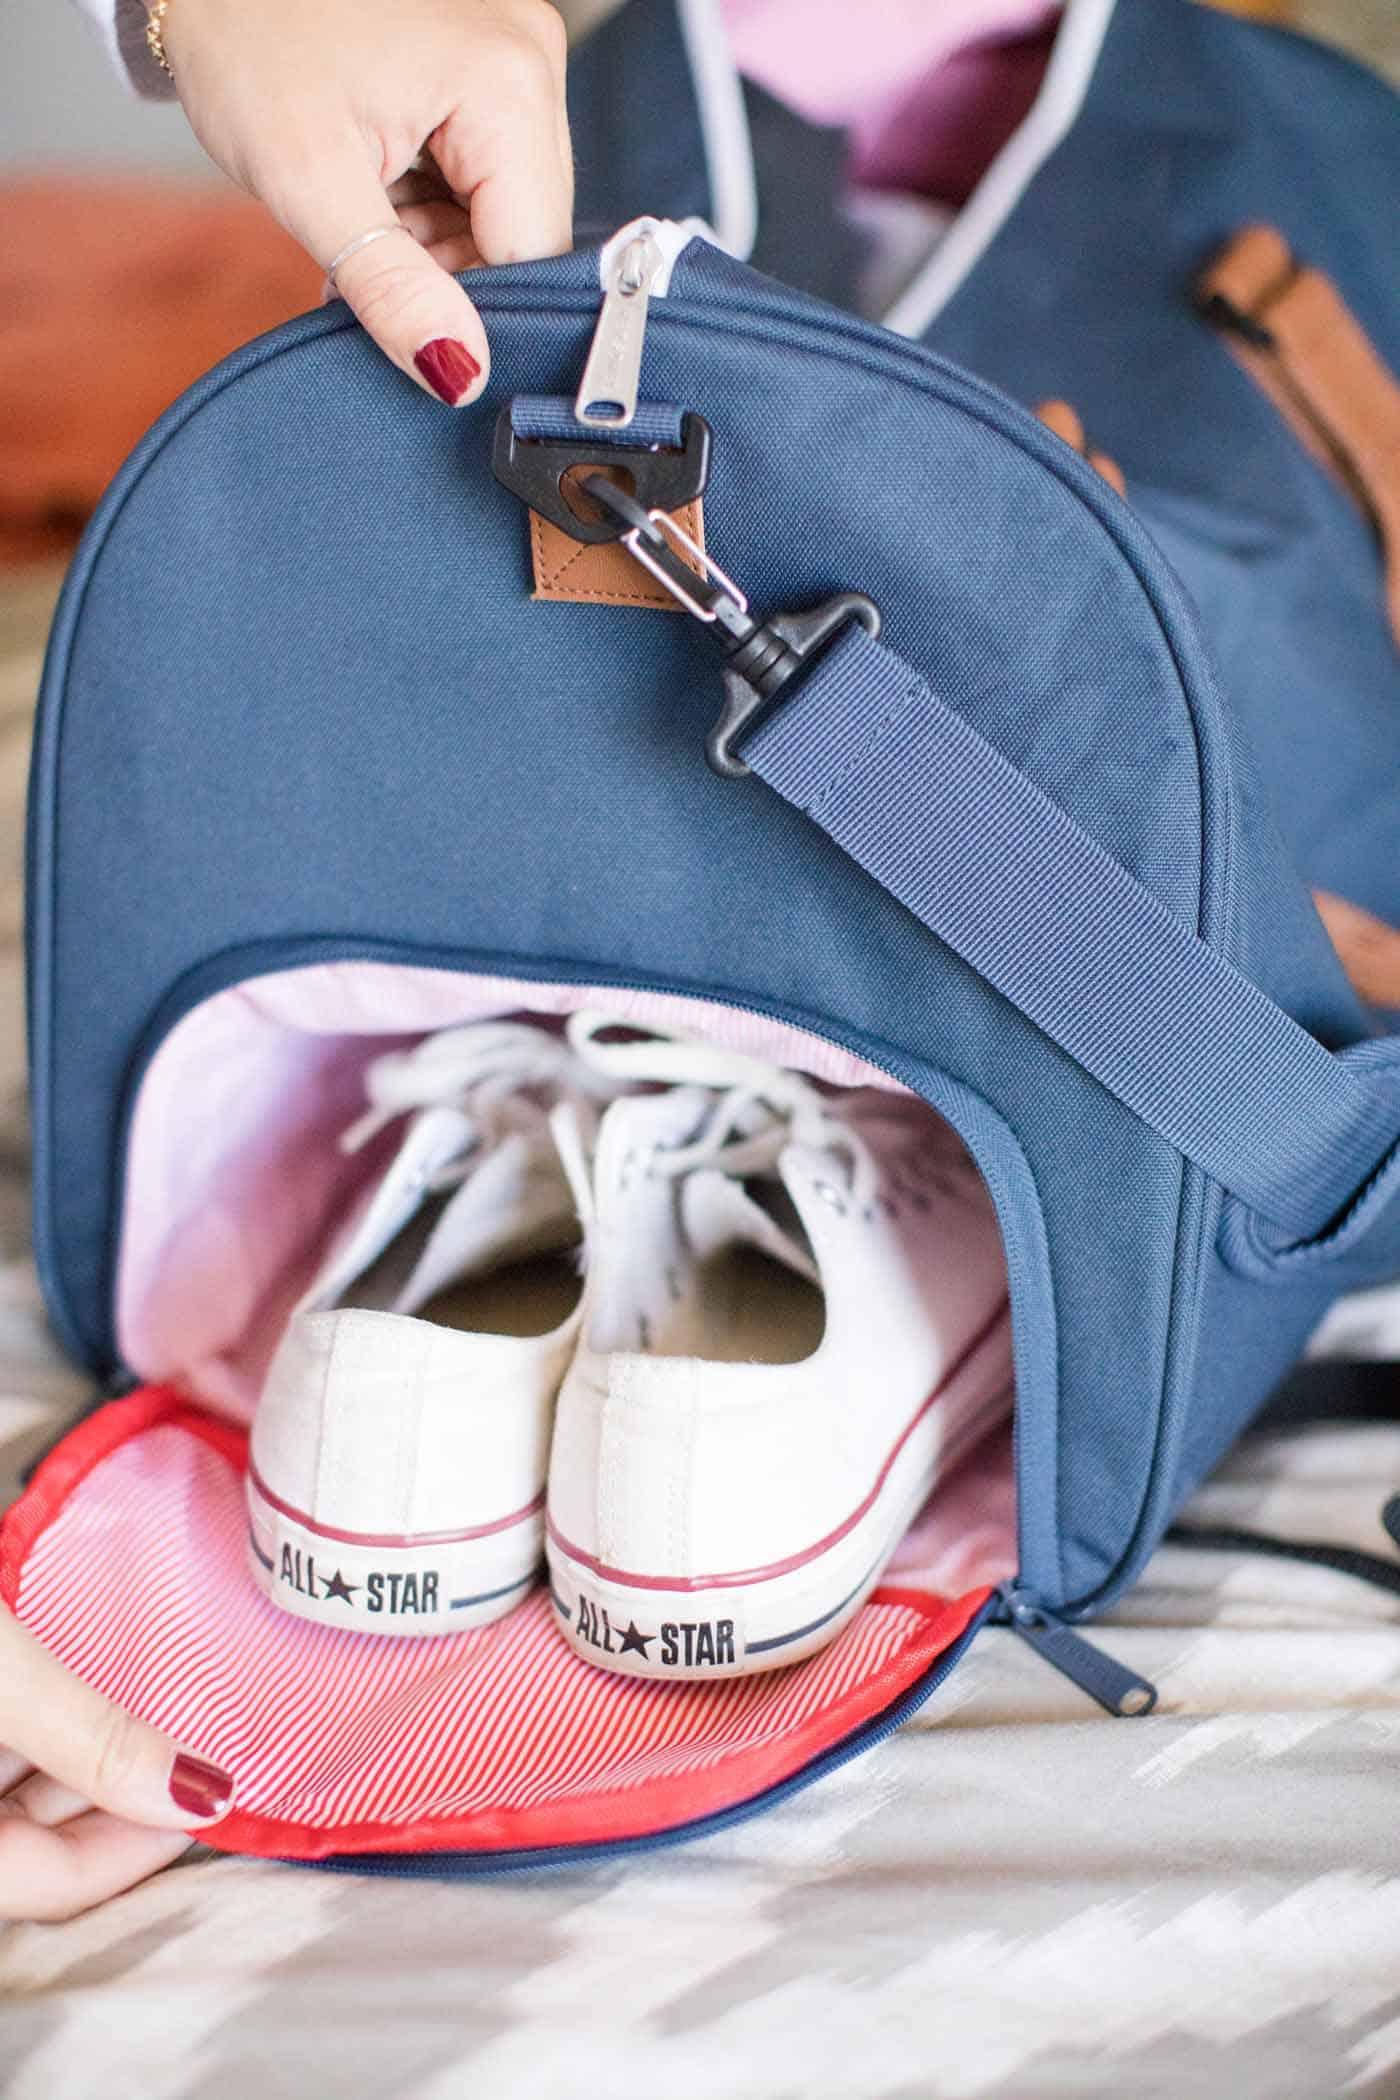 Best weekender bags for short trips